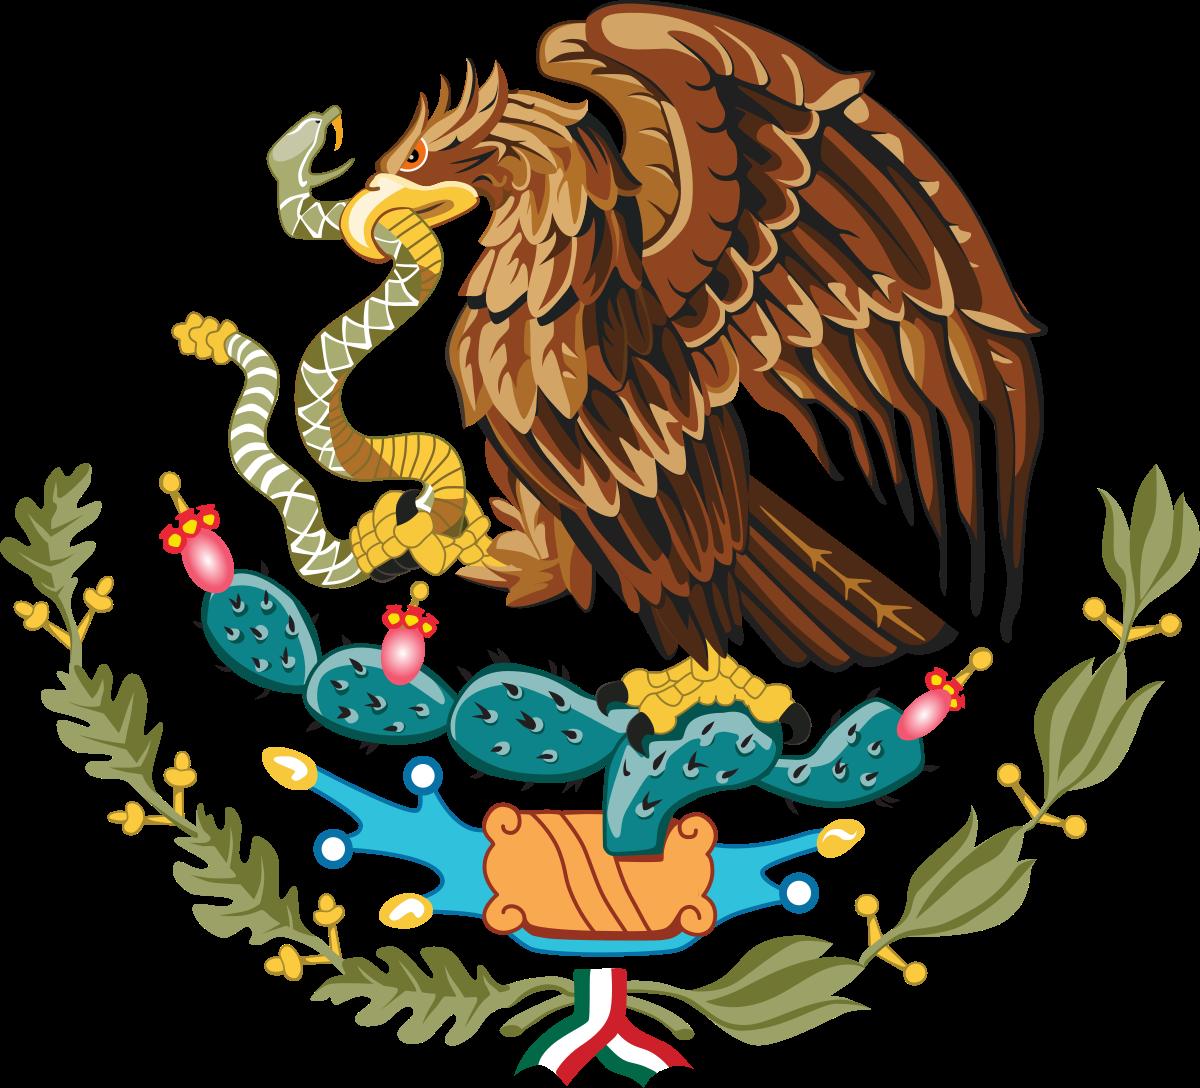 Vlag Mexico Escudo De Mexico Escudo Nacional De Mexico Simbolos Patrios De Mexico